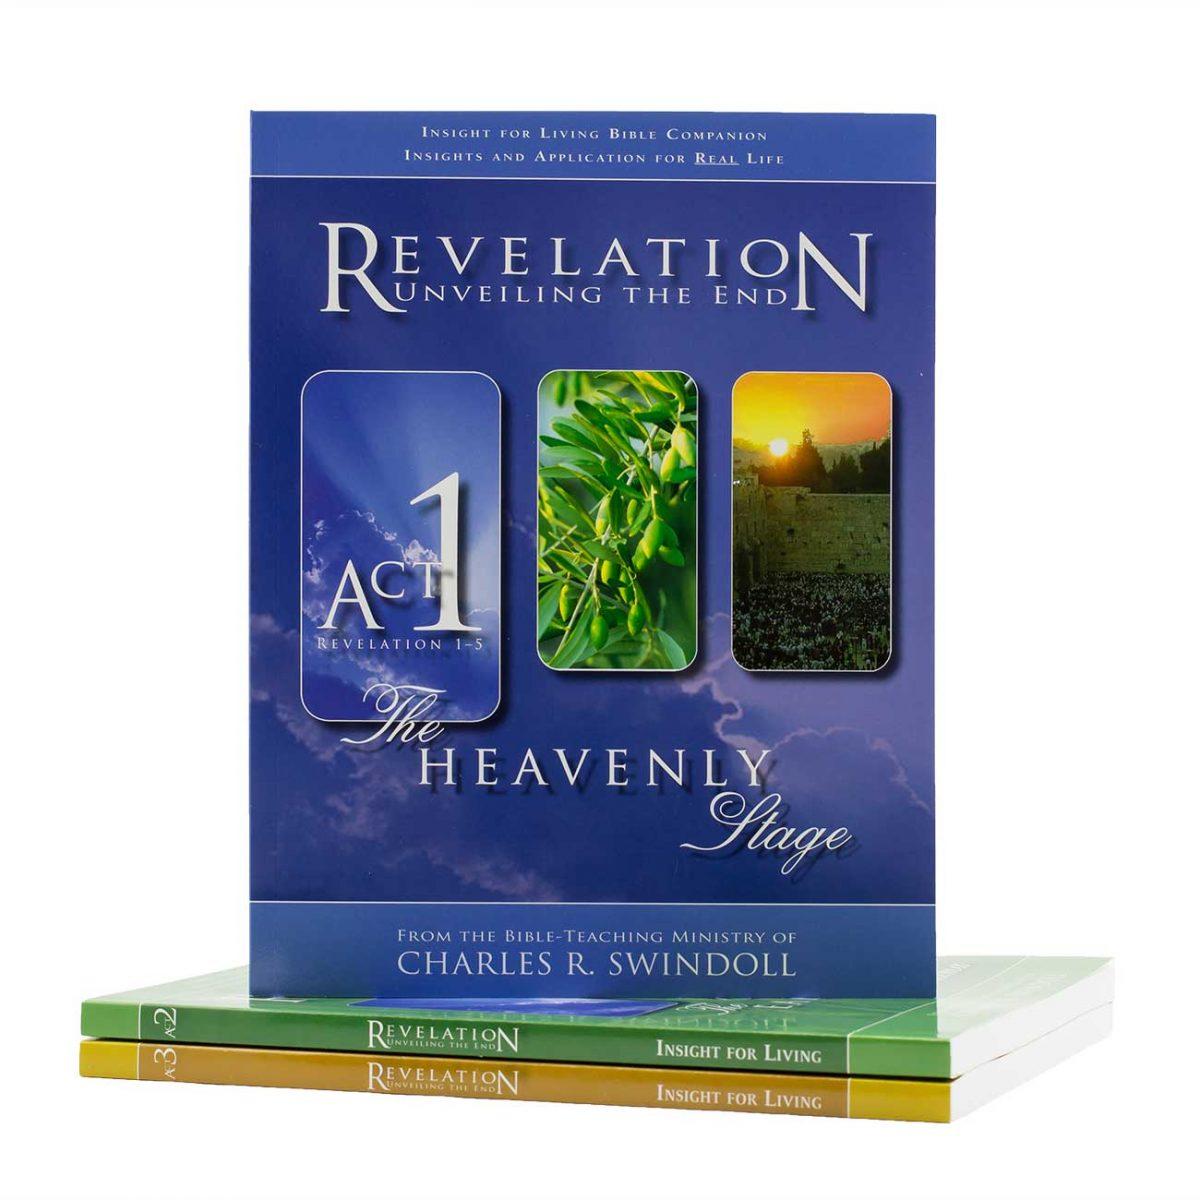 REVELATION: UNVEILING THE END, Bible Companion Set